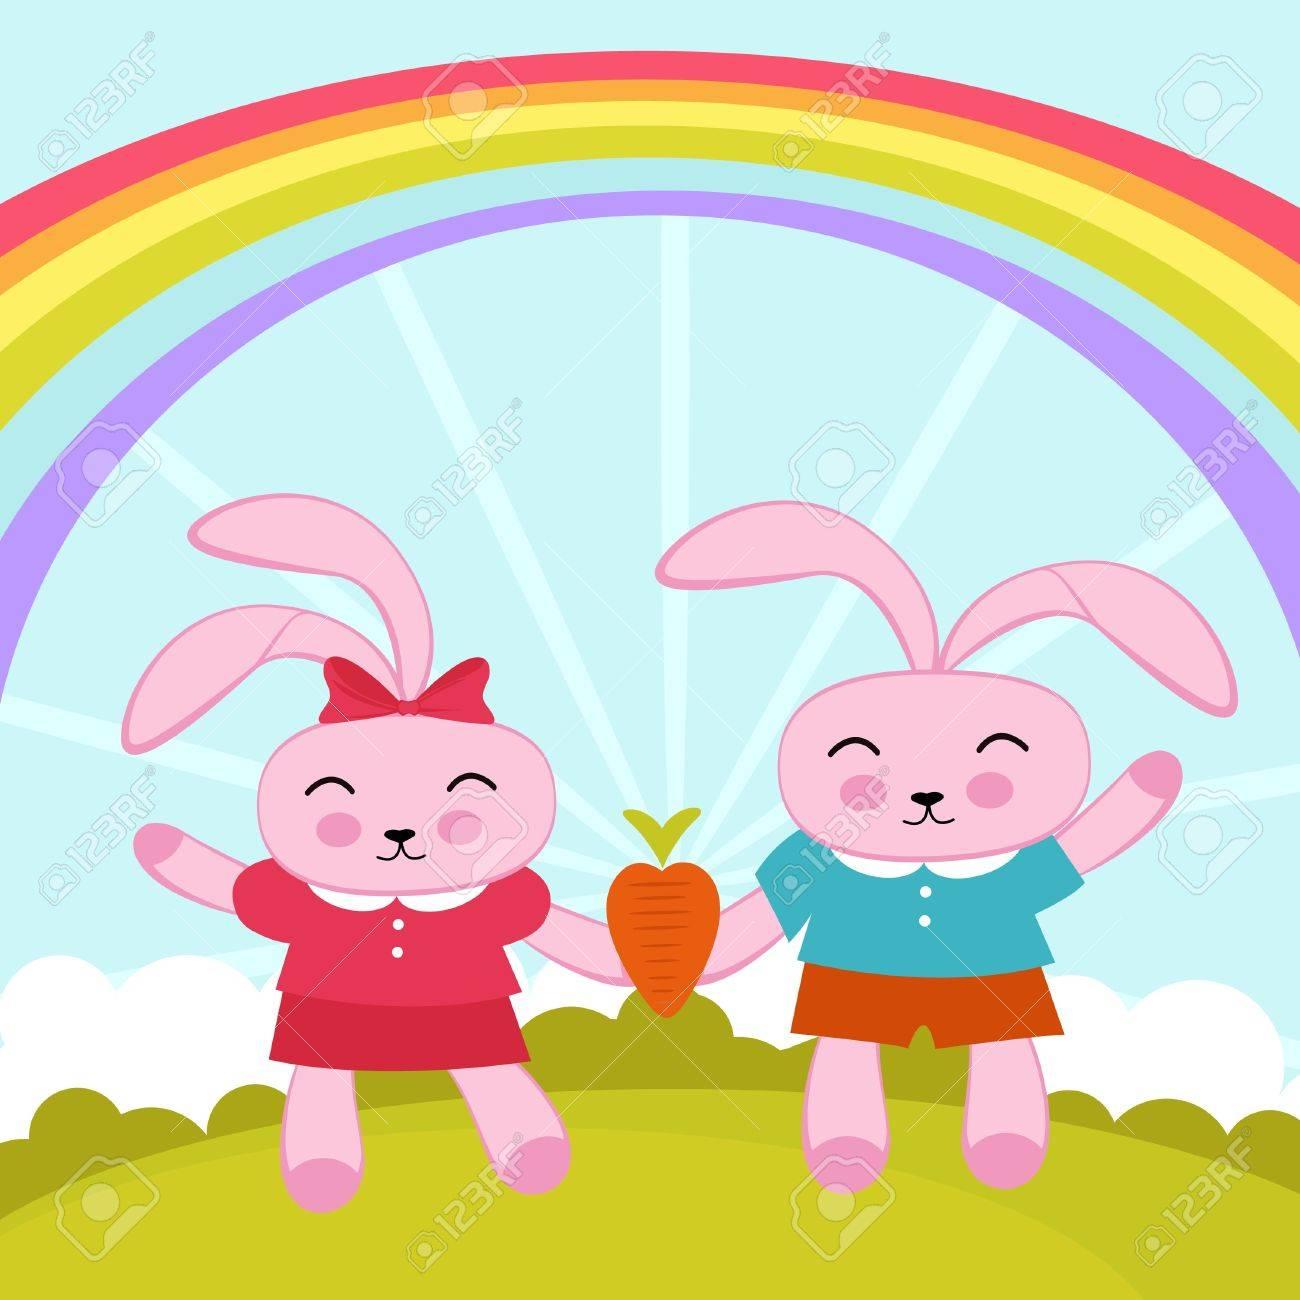 Rabbits in love Stock Vector - 12884305